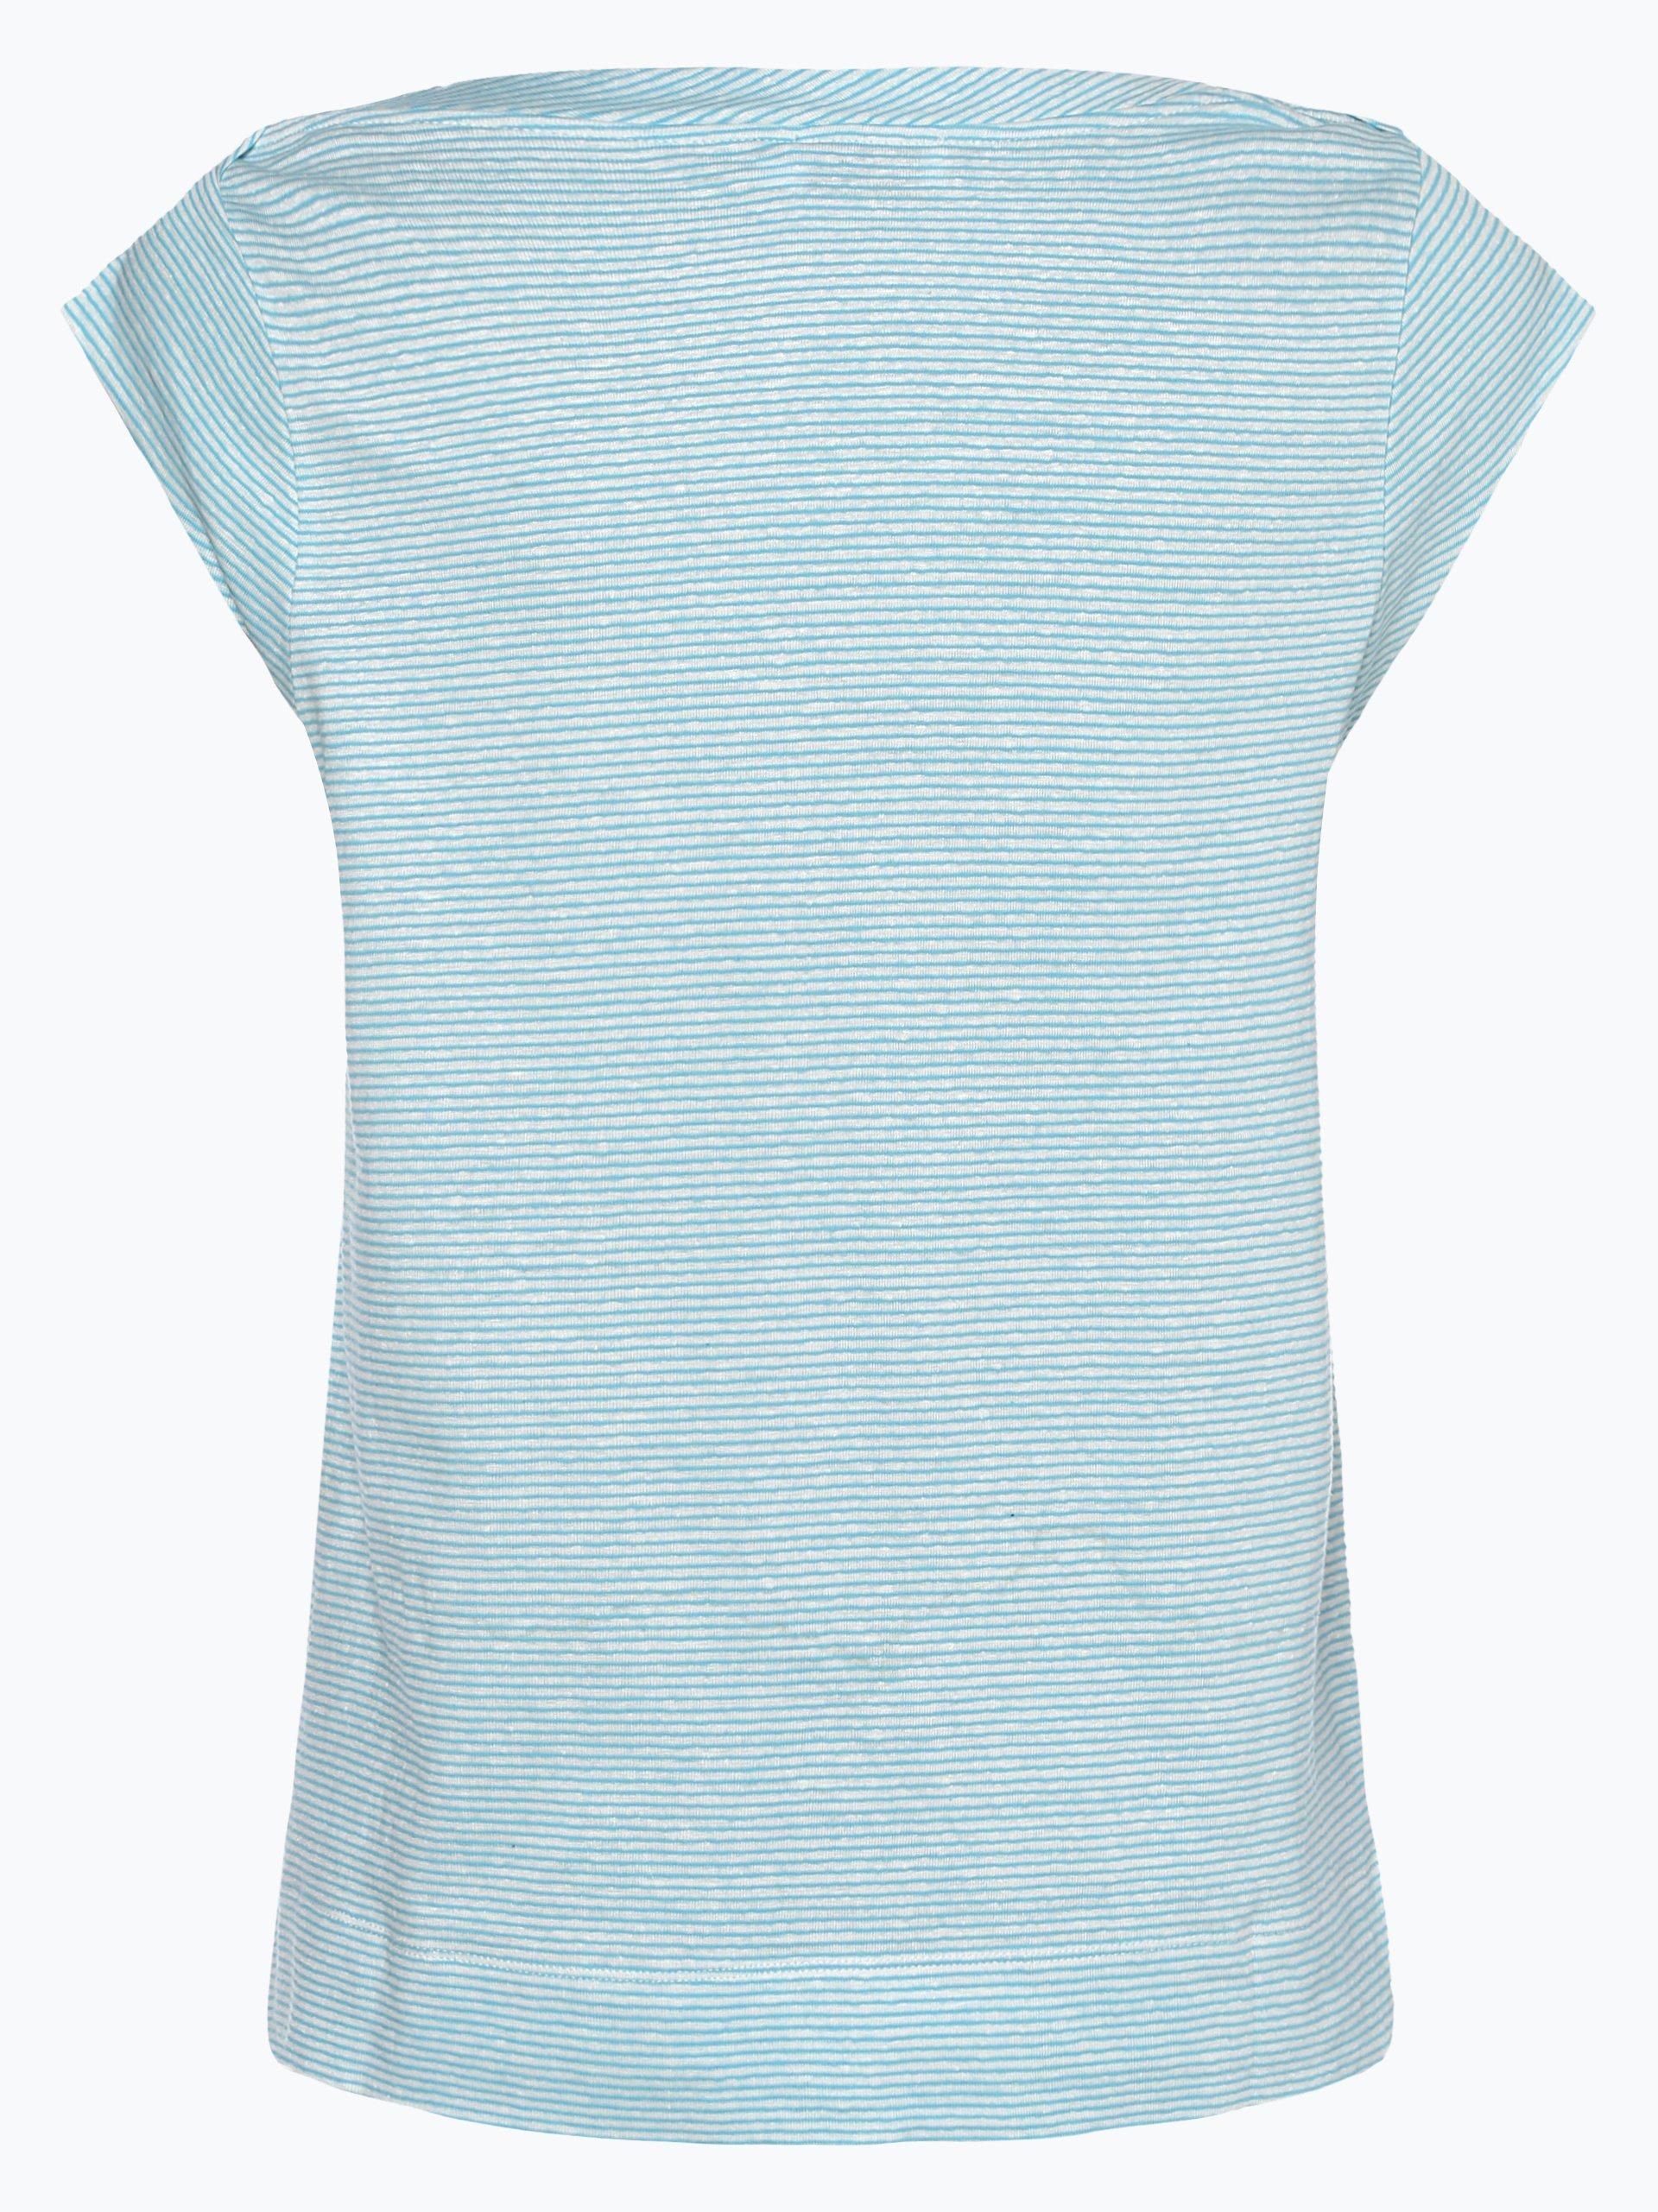 Calvin Klein T-shirt damski z dodatkiem lnu